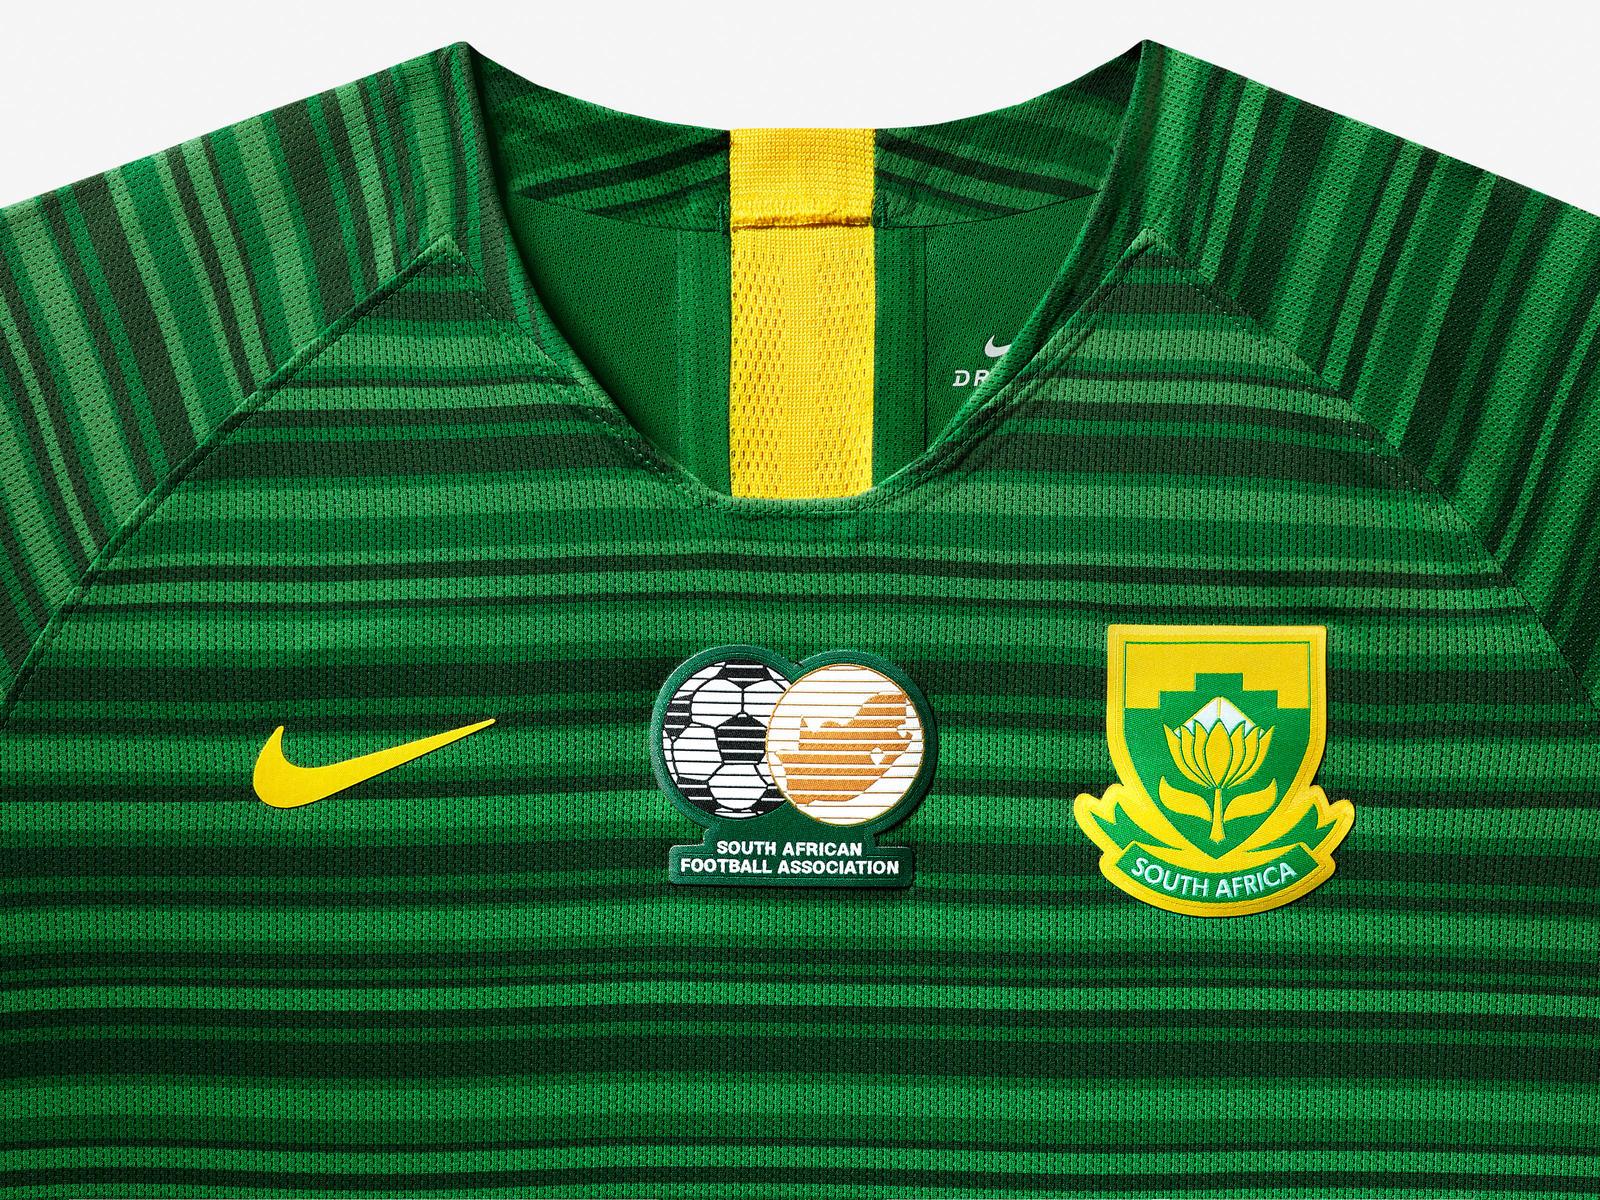 e94ddf857 Nike lança as camisas da seleção feminina da África do Sul - Show de ...